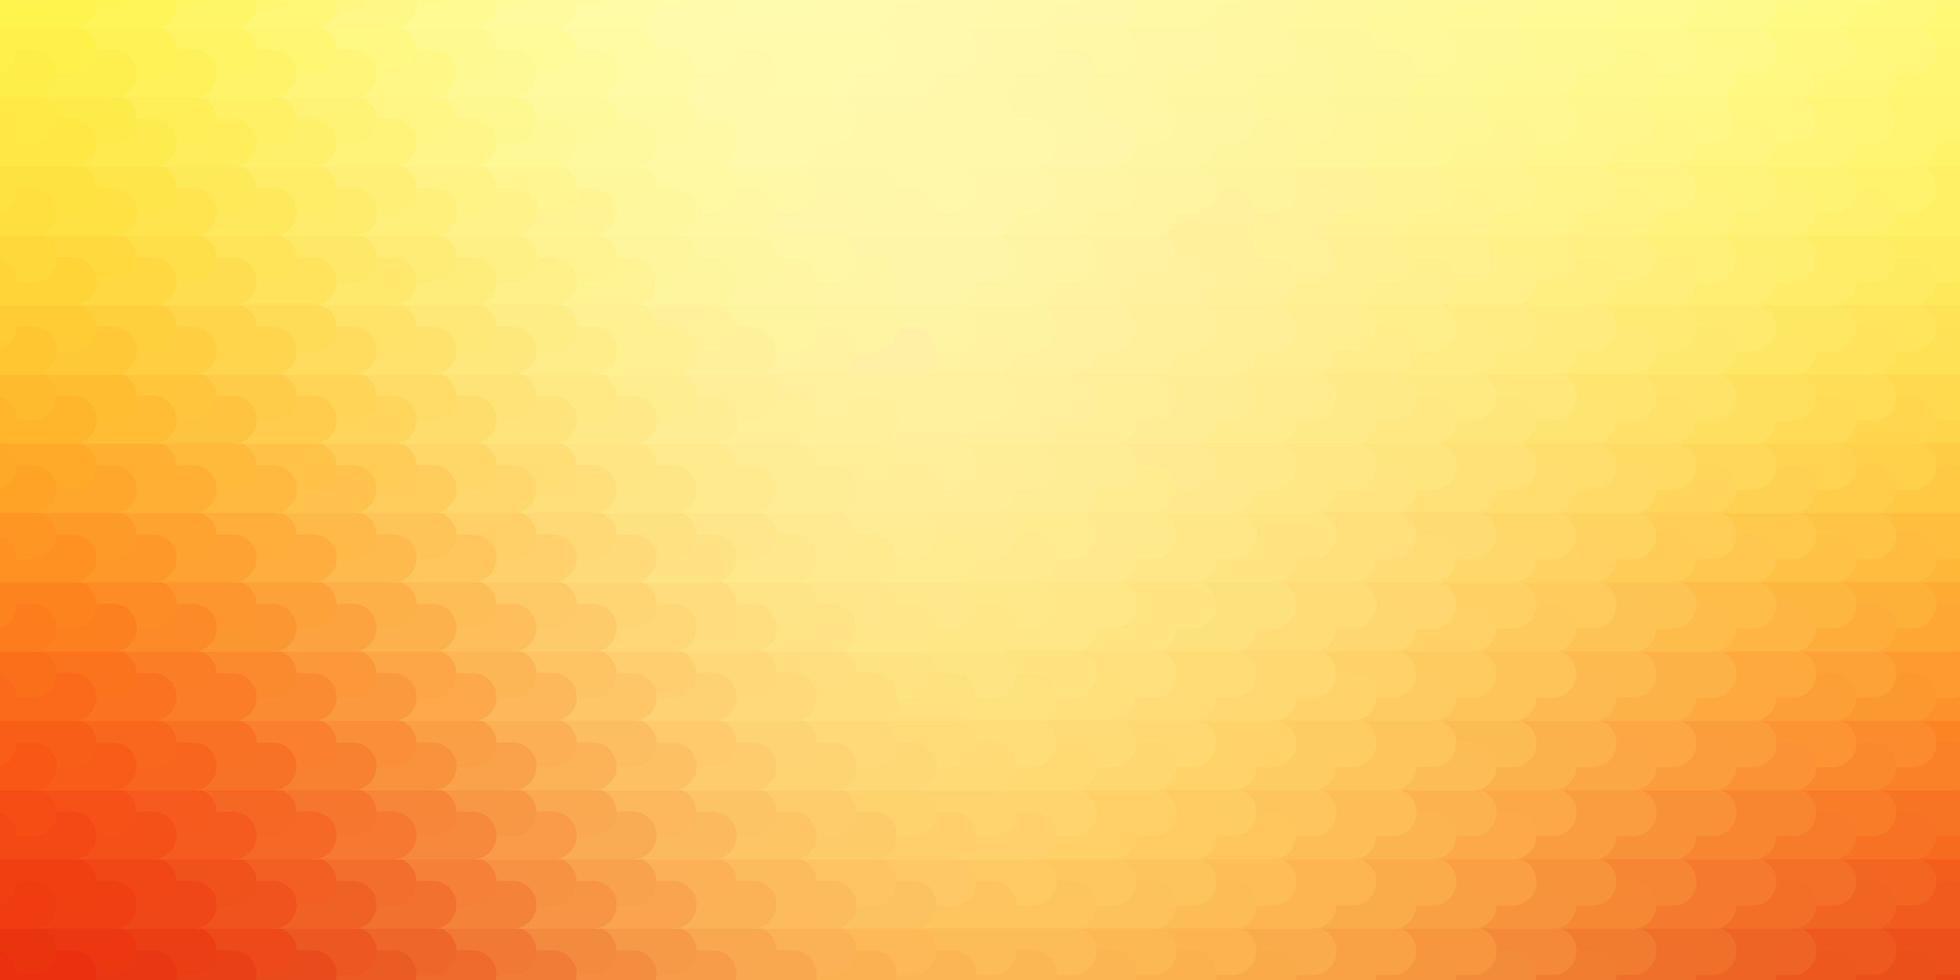 Fondo de vector rojo, amarillo claro con líneas.